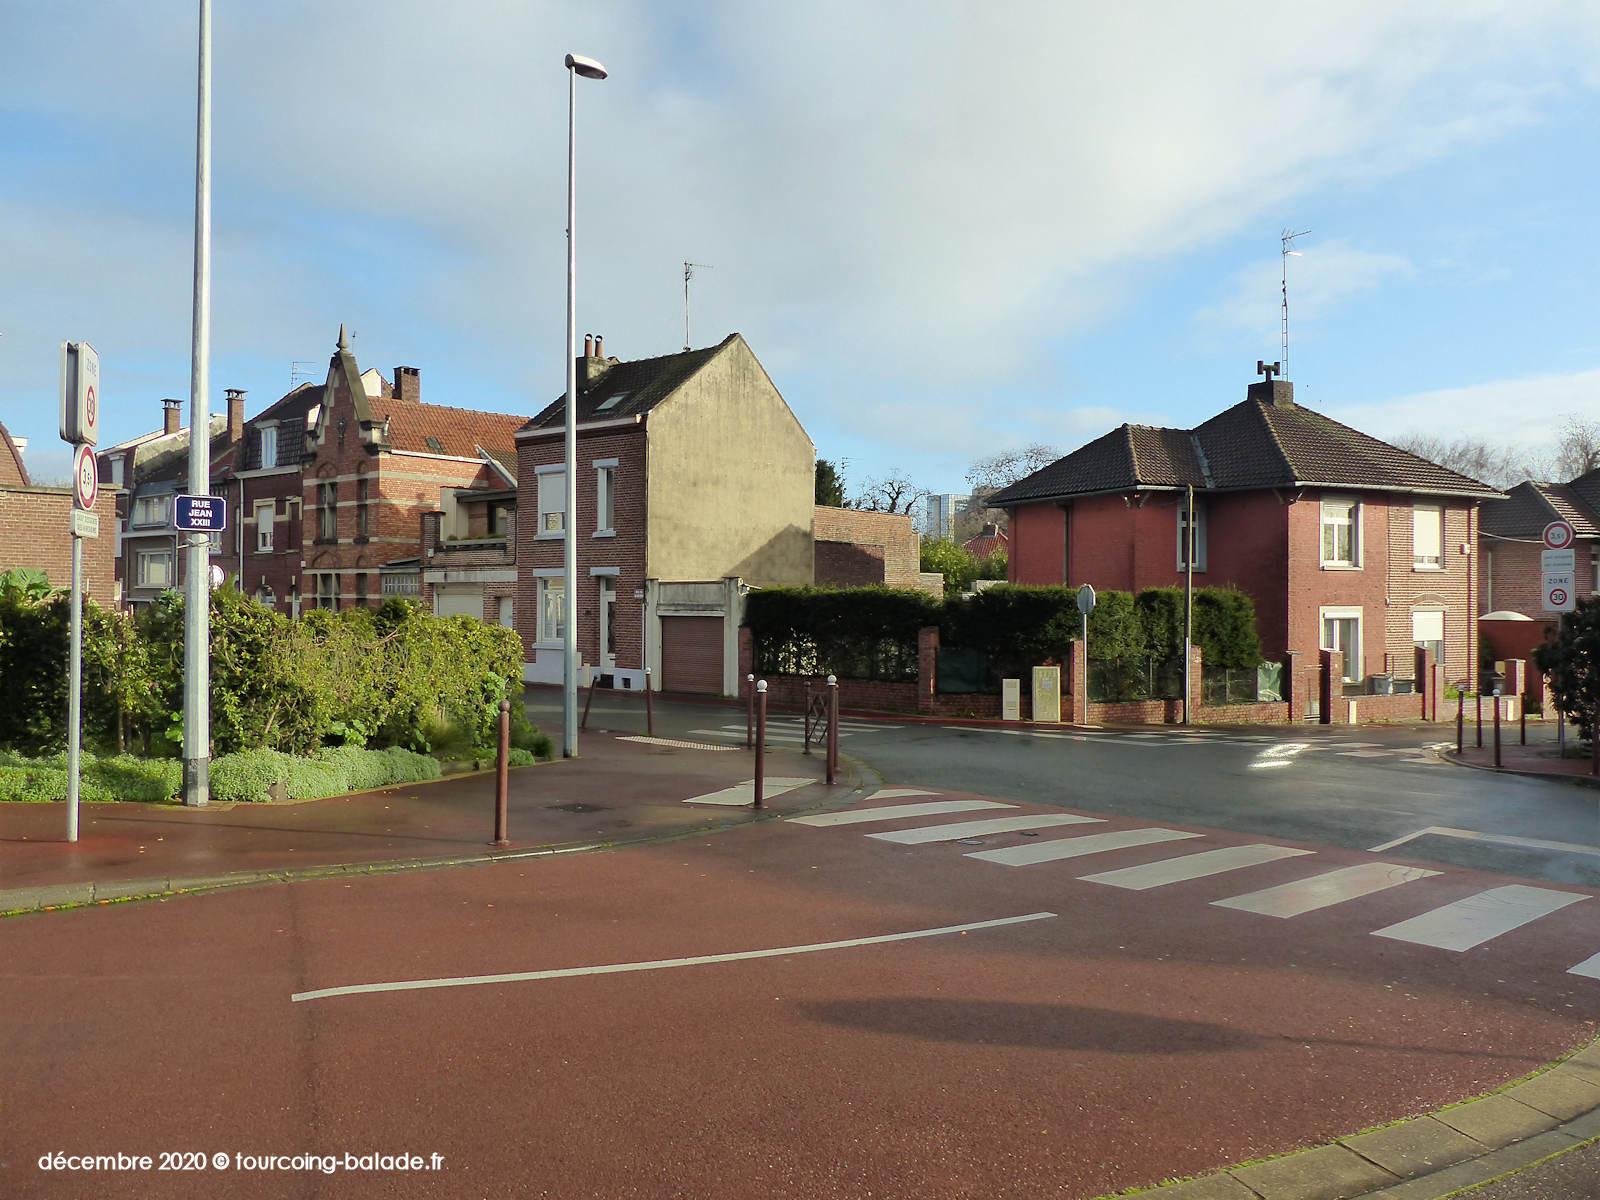 Rue Jean XXIII, Tourcoing 2020